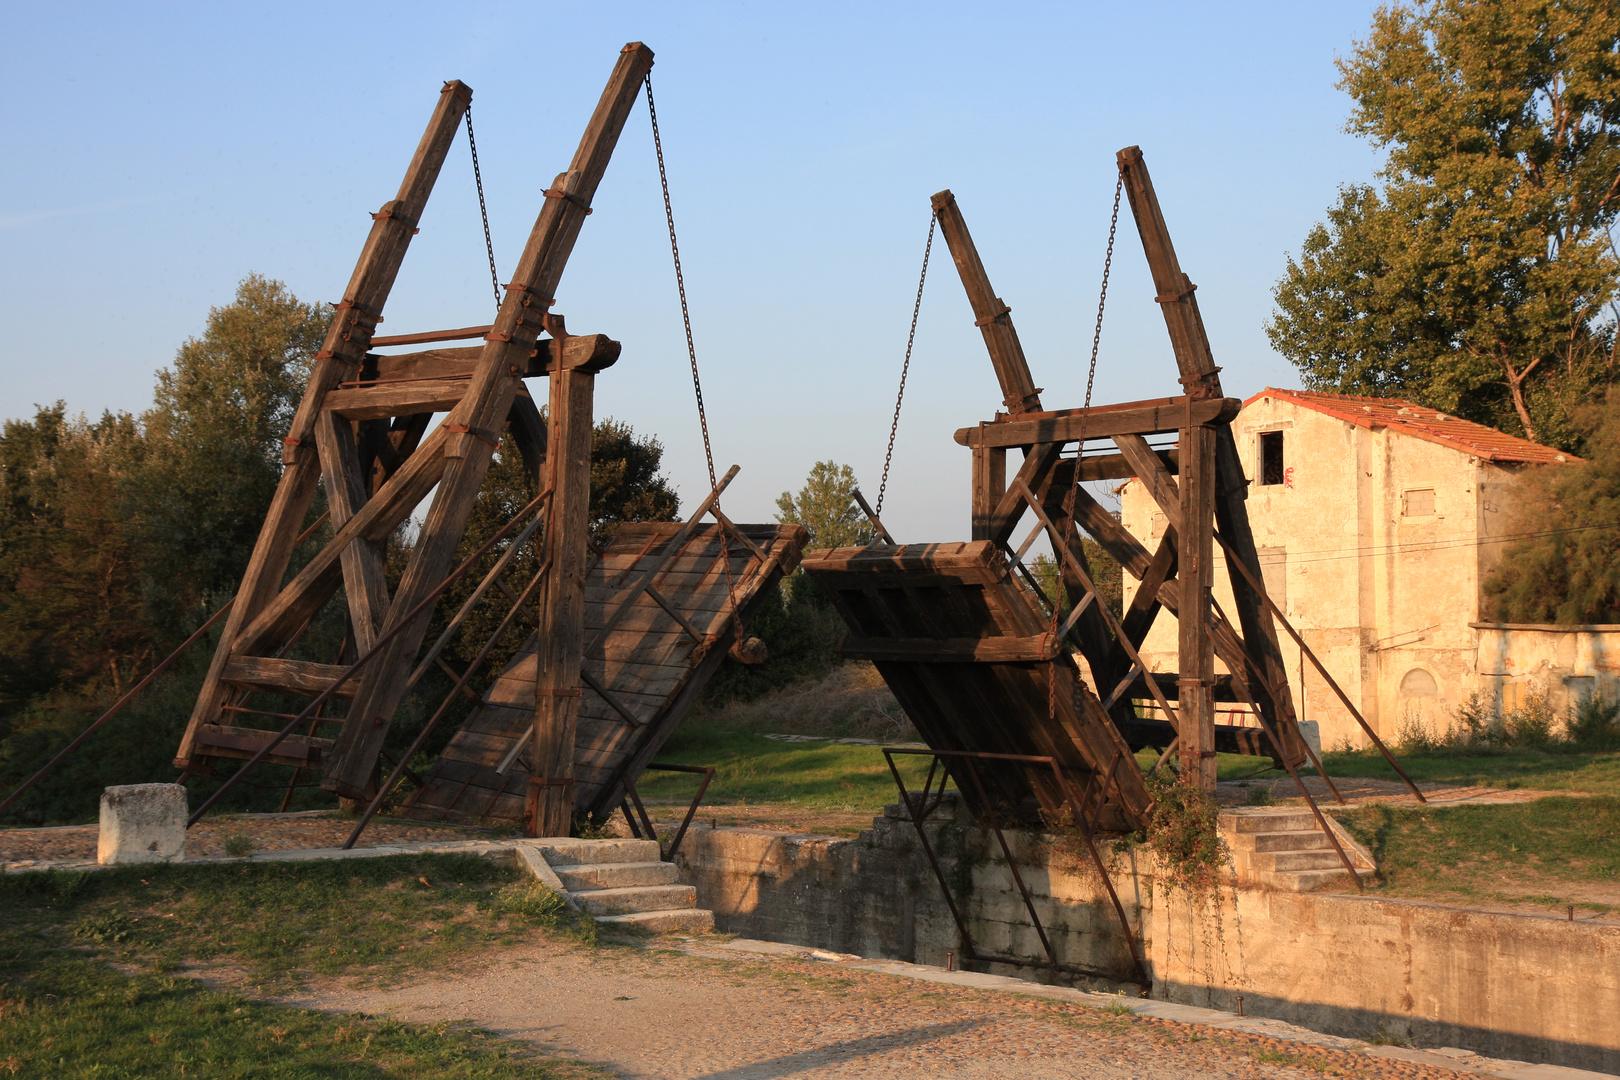 Pont van Gogh in Arles